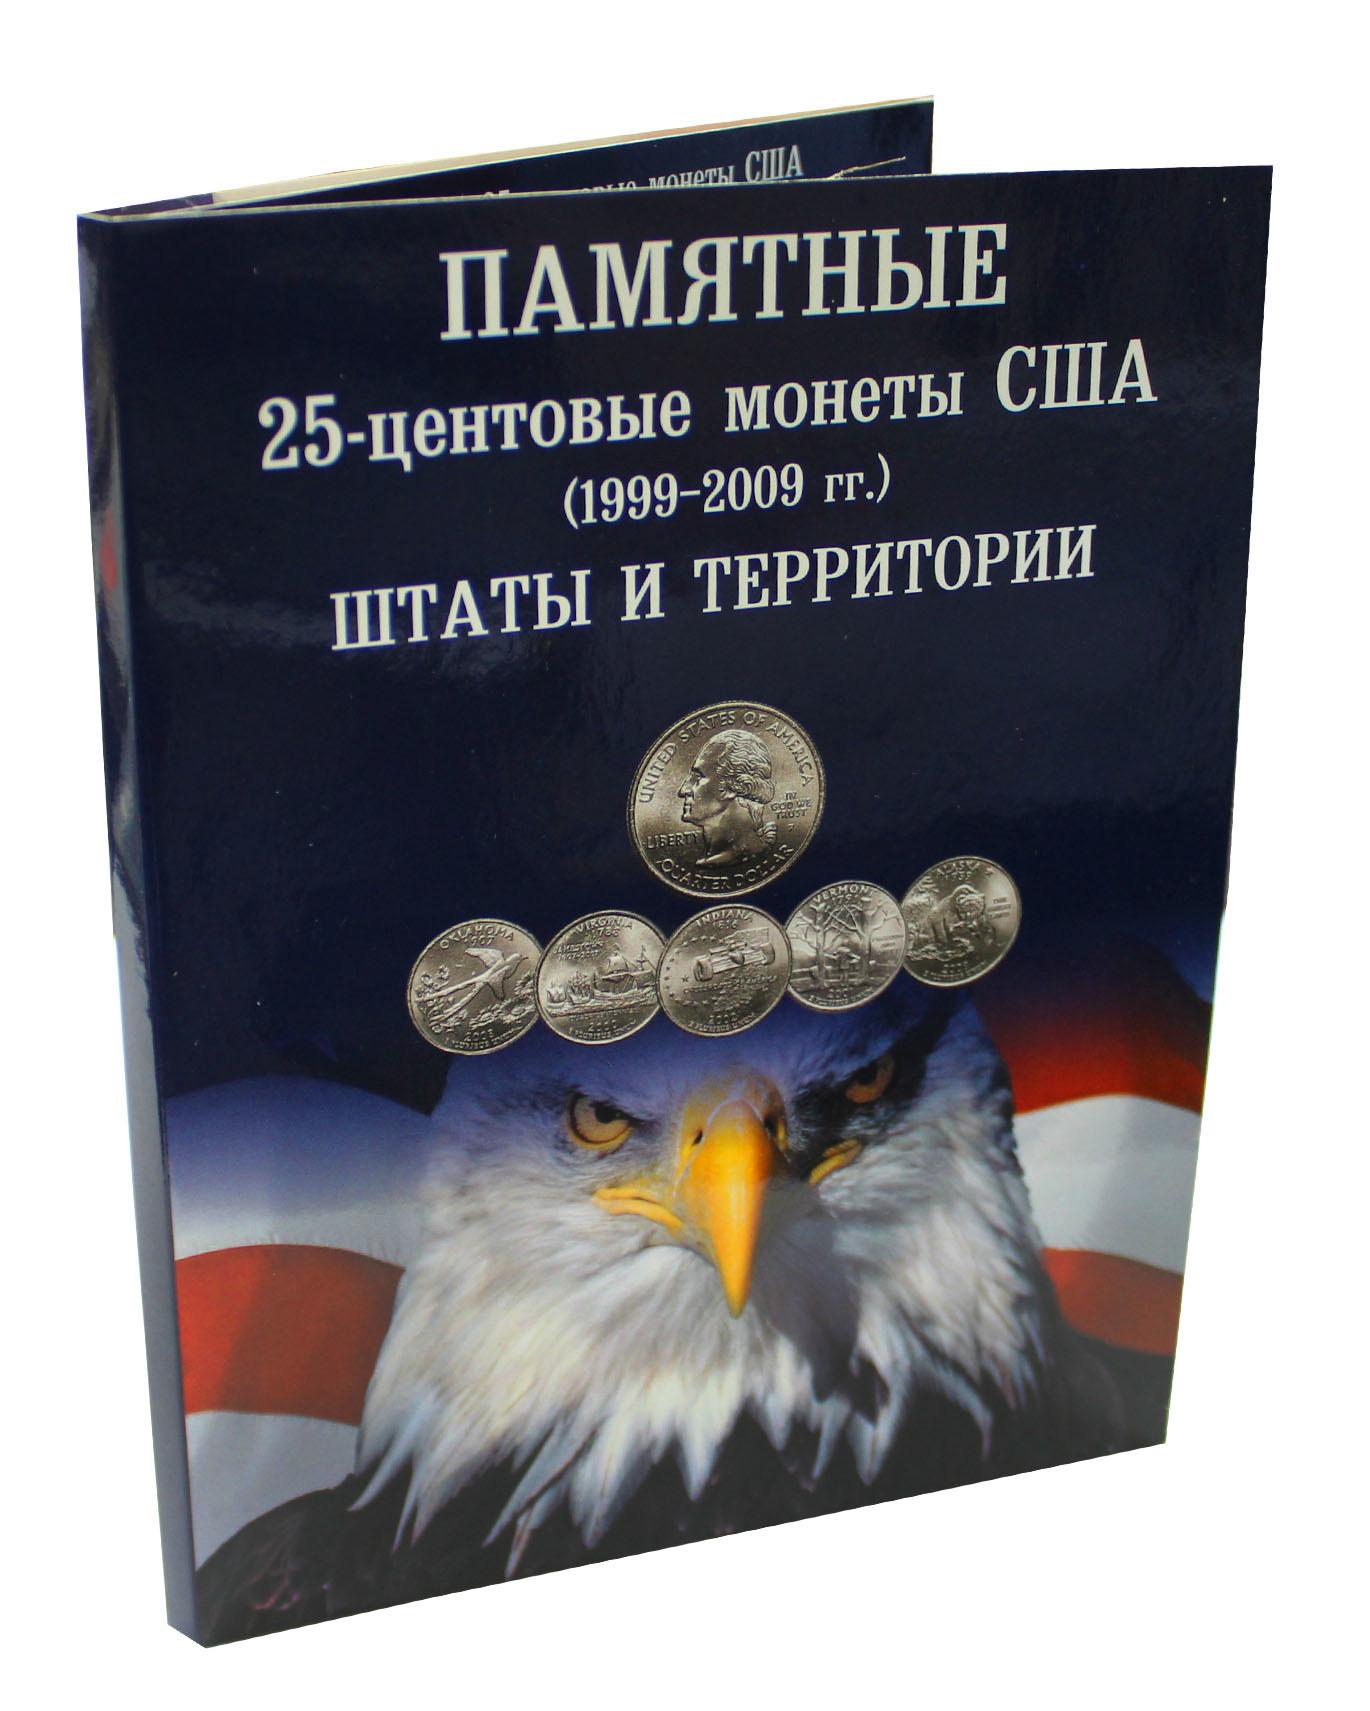 Альбом для 25-центовых монет США (1999-2009). Штаты и территории. Картонный